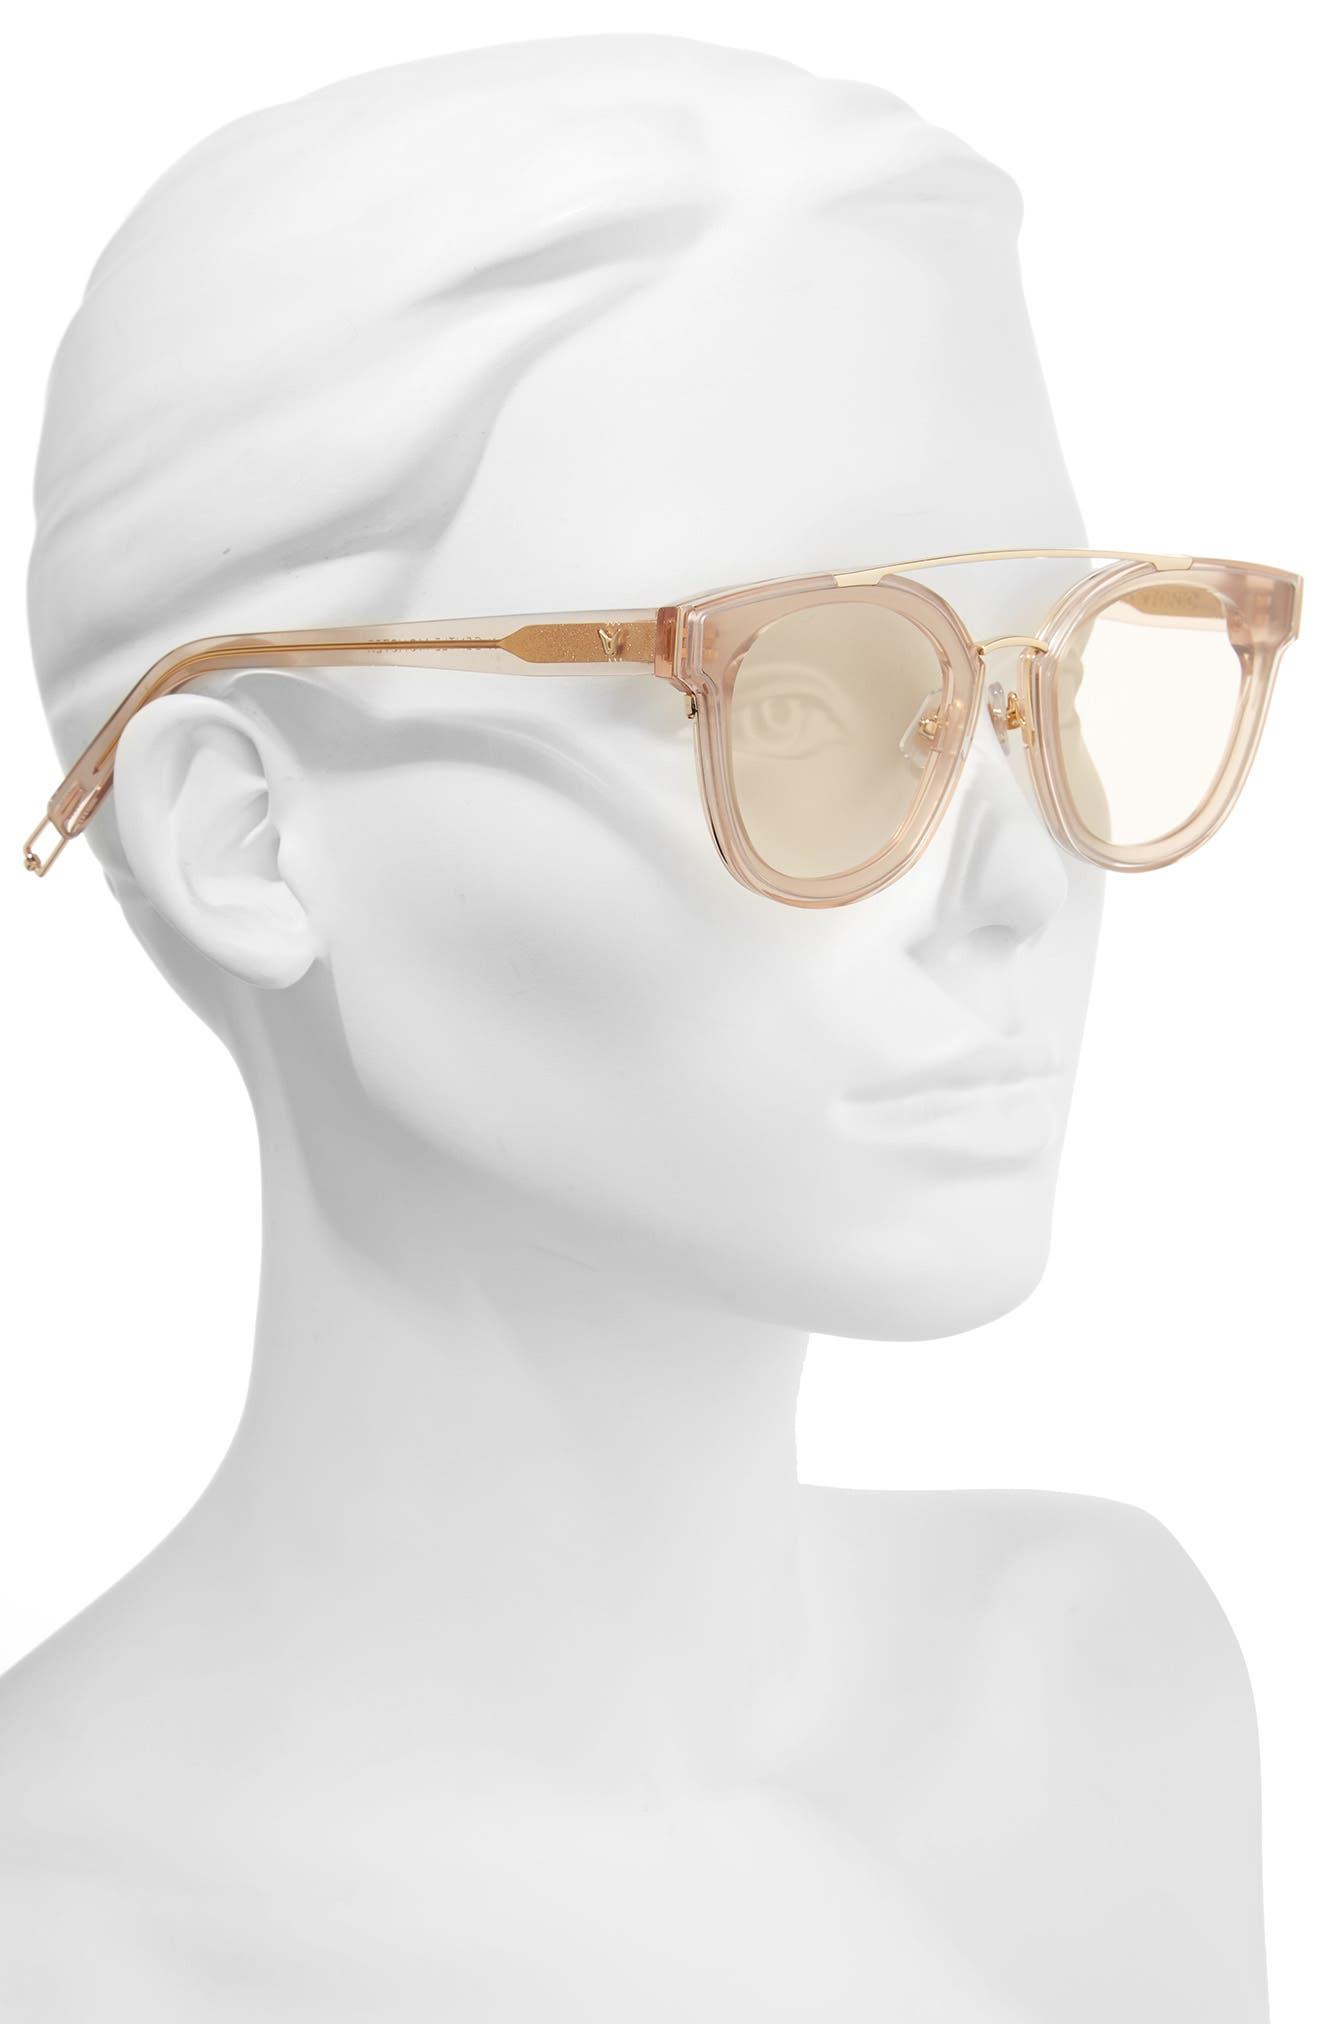 Tilda Swinton x Gentle Monster Newtonic 60mm Rounded Sunglasses,                             Alternate thumbnail 5, color,